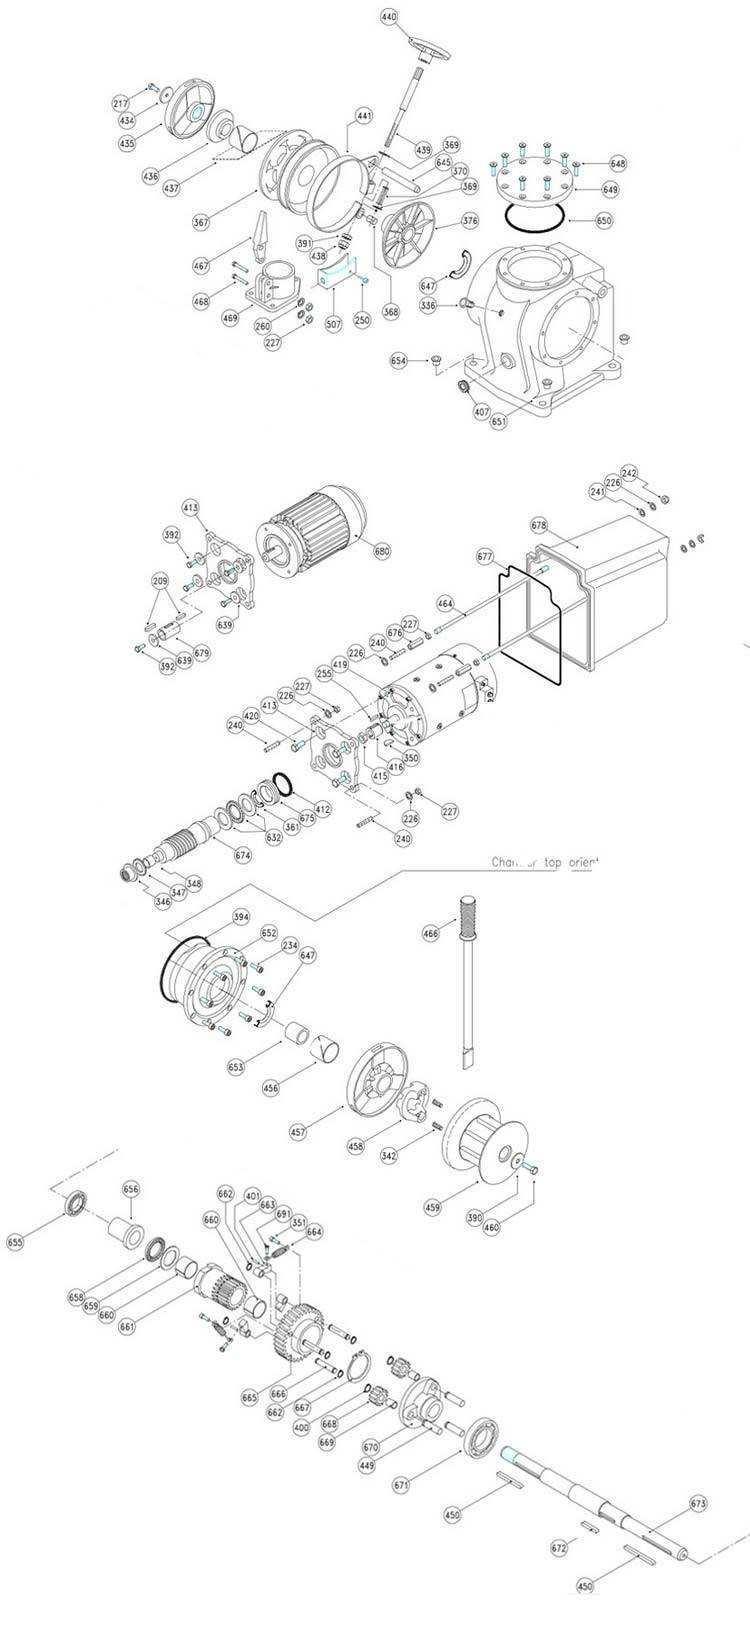 74 Concept of Volvo Penta Md 2020 Lichtmaschine Engine by Volvo Penta Md 2020 Lichtmaschine